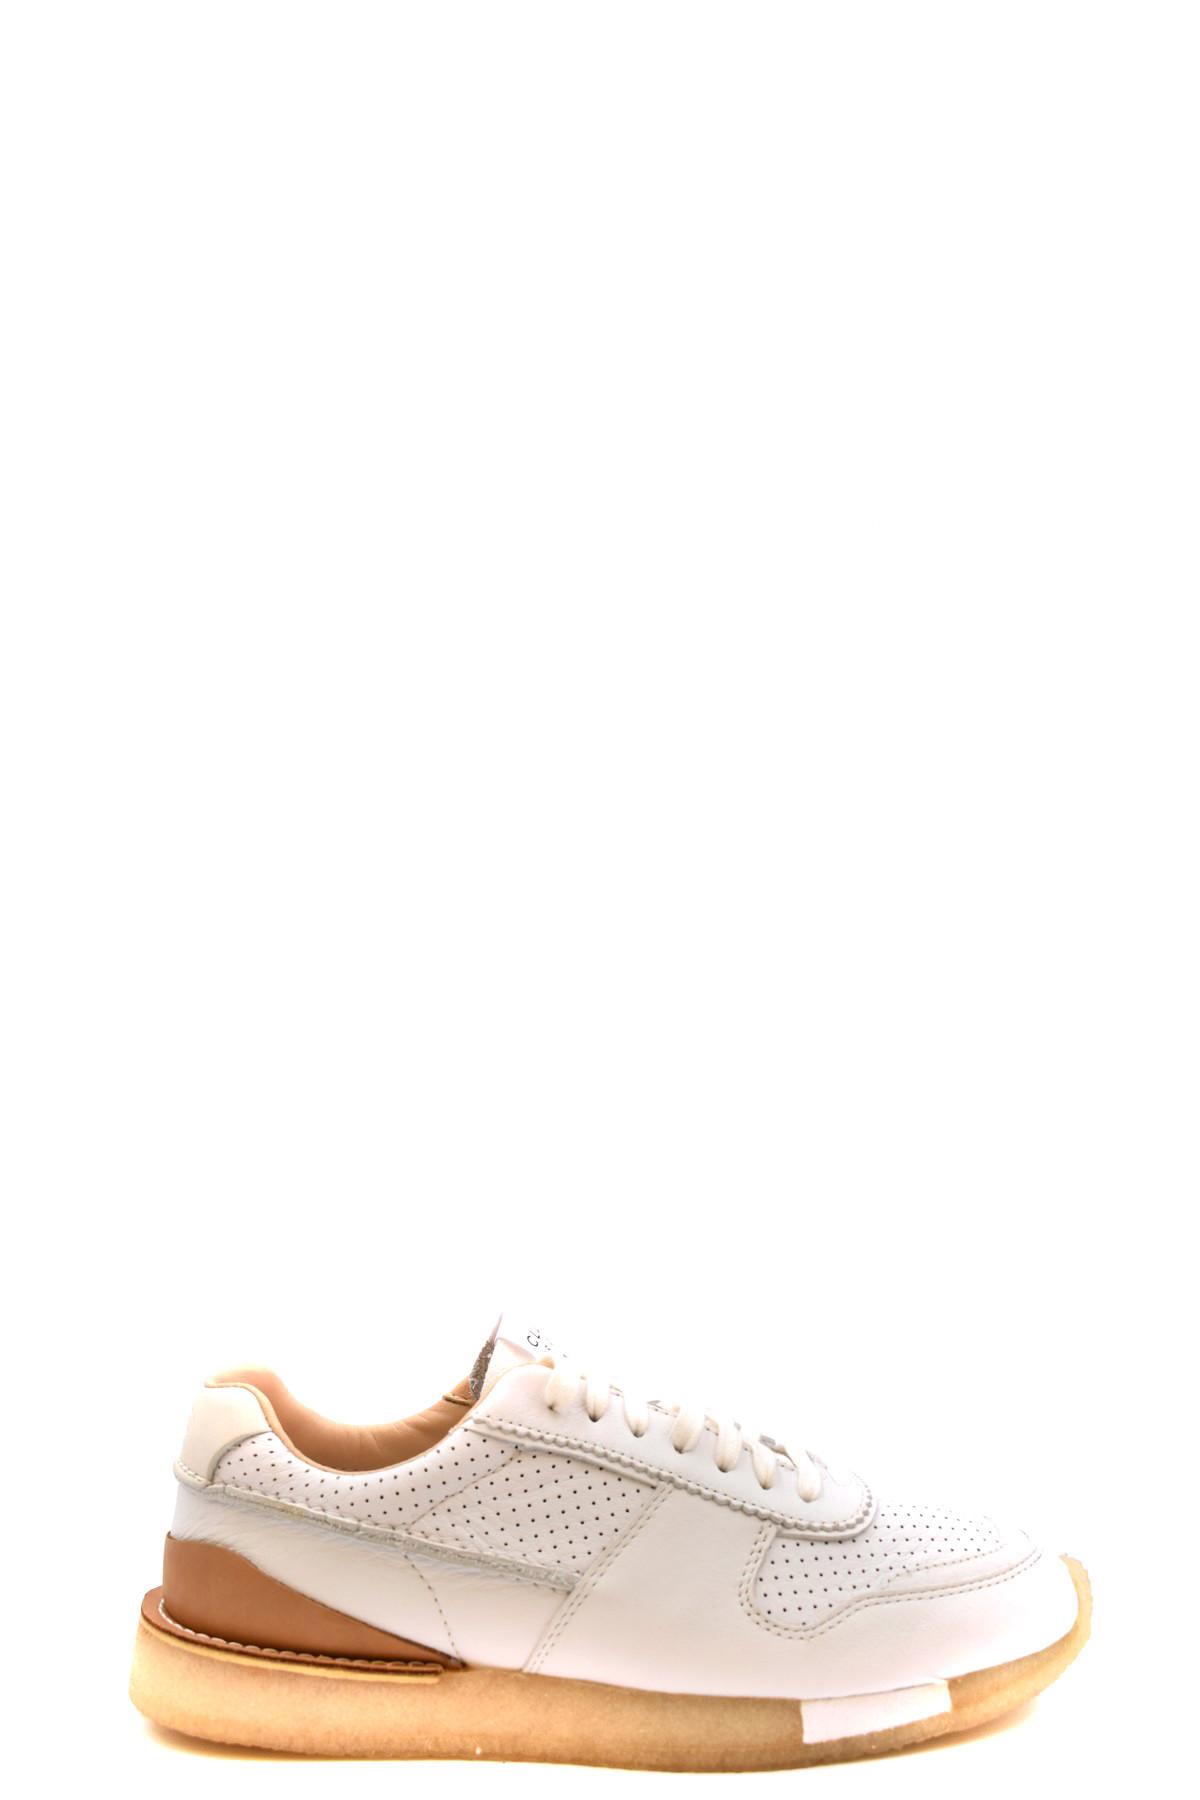 Clarks Sneakers Muži